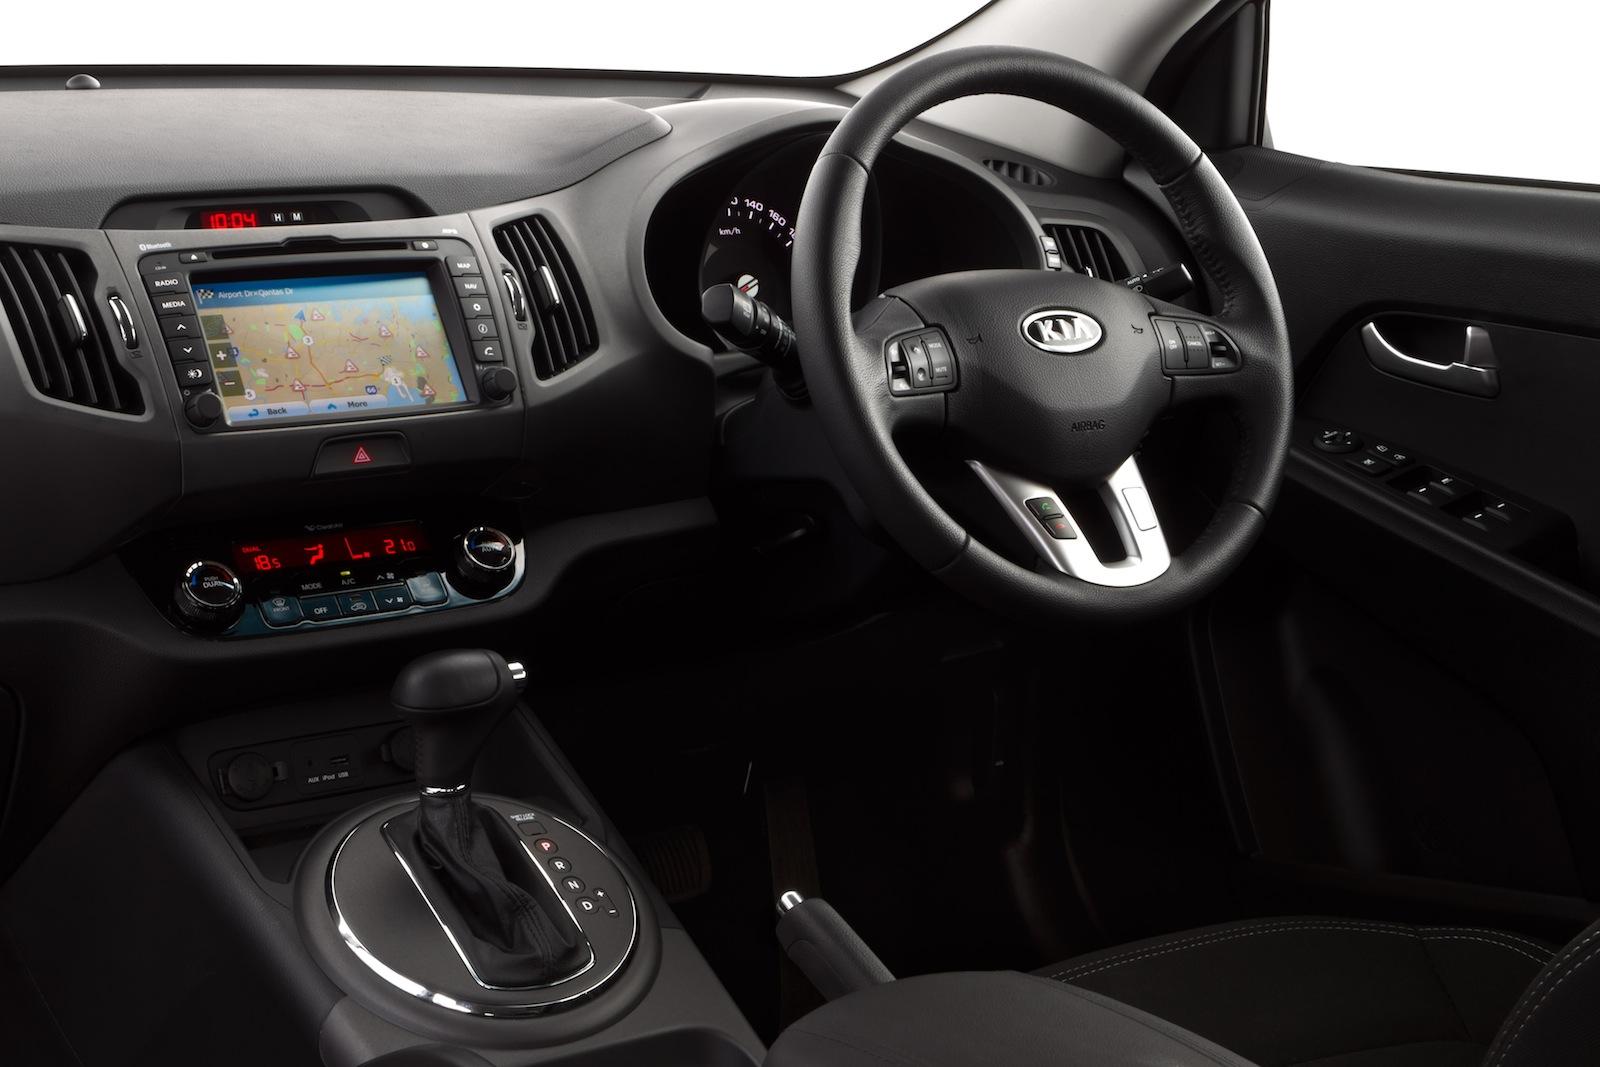 Kia Picanto 2016 >> Kia Australia adds satellite navigation to Optima, Sorento, Sportage - photos | CarAdvice